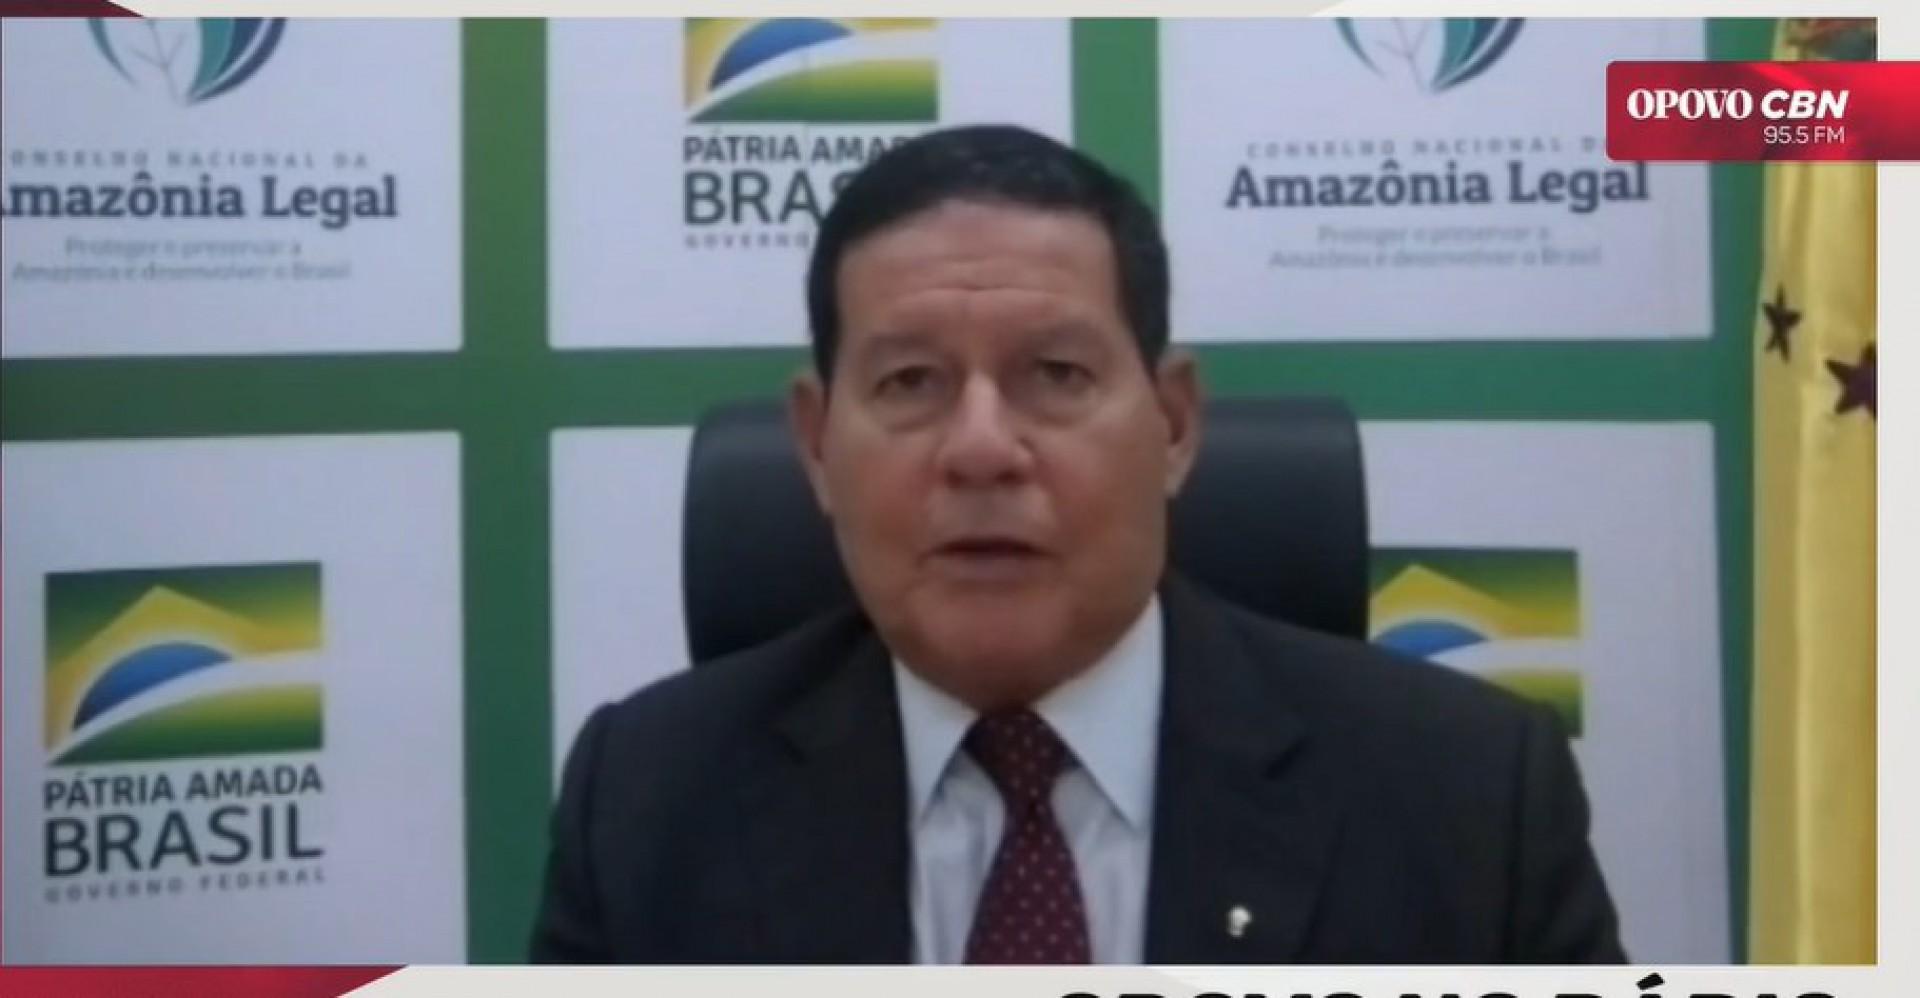 Vice-presidente do Brasil Hamilton Mourão participada de entrevista na rádio O POVO CBN nesta sexta